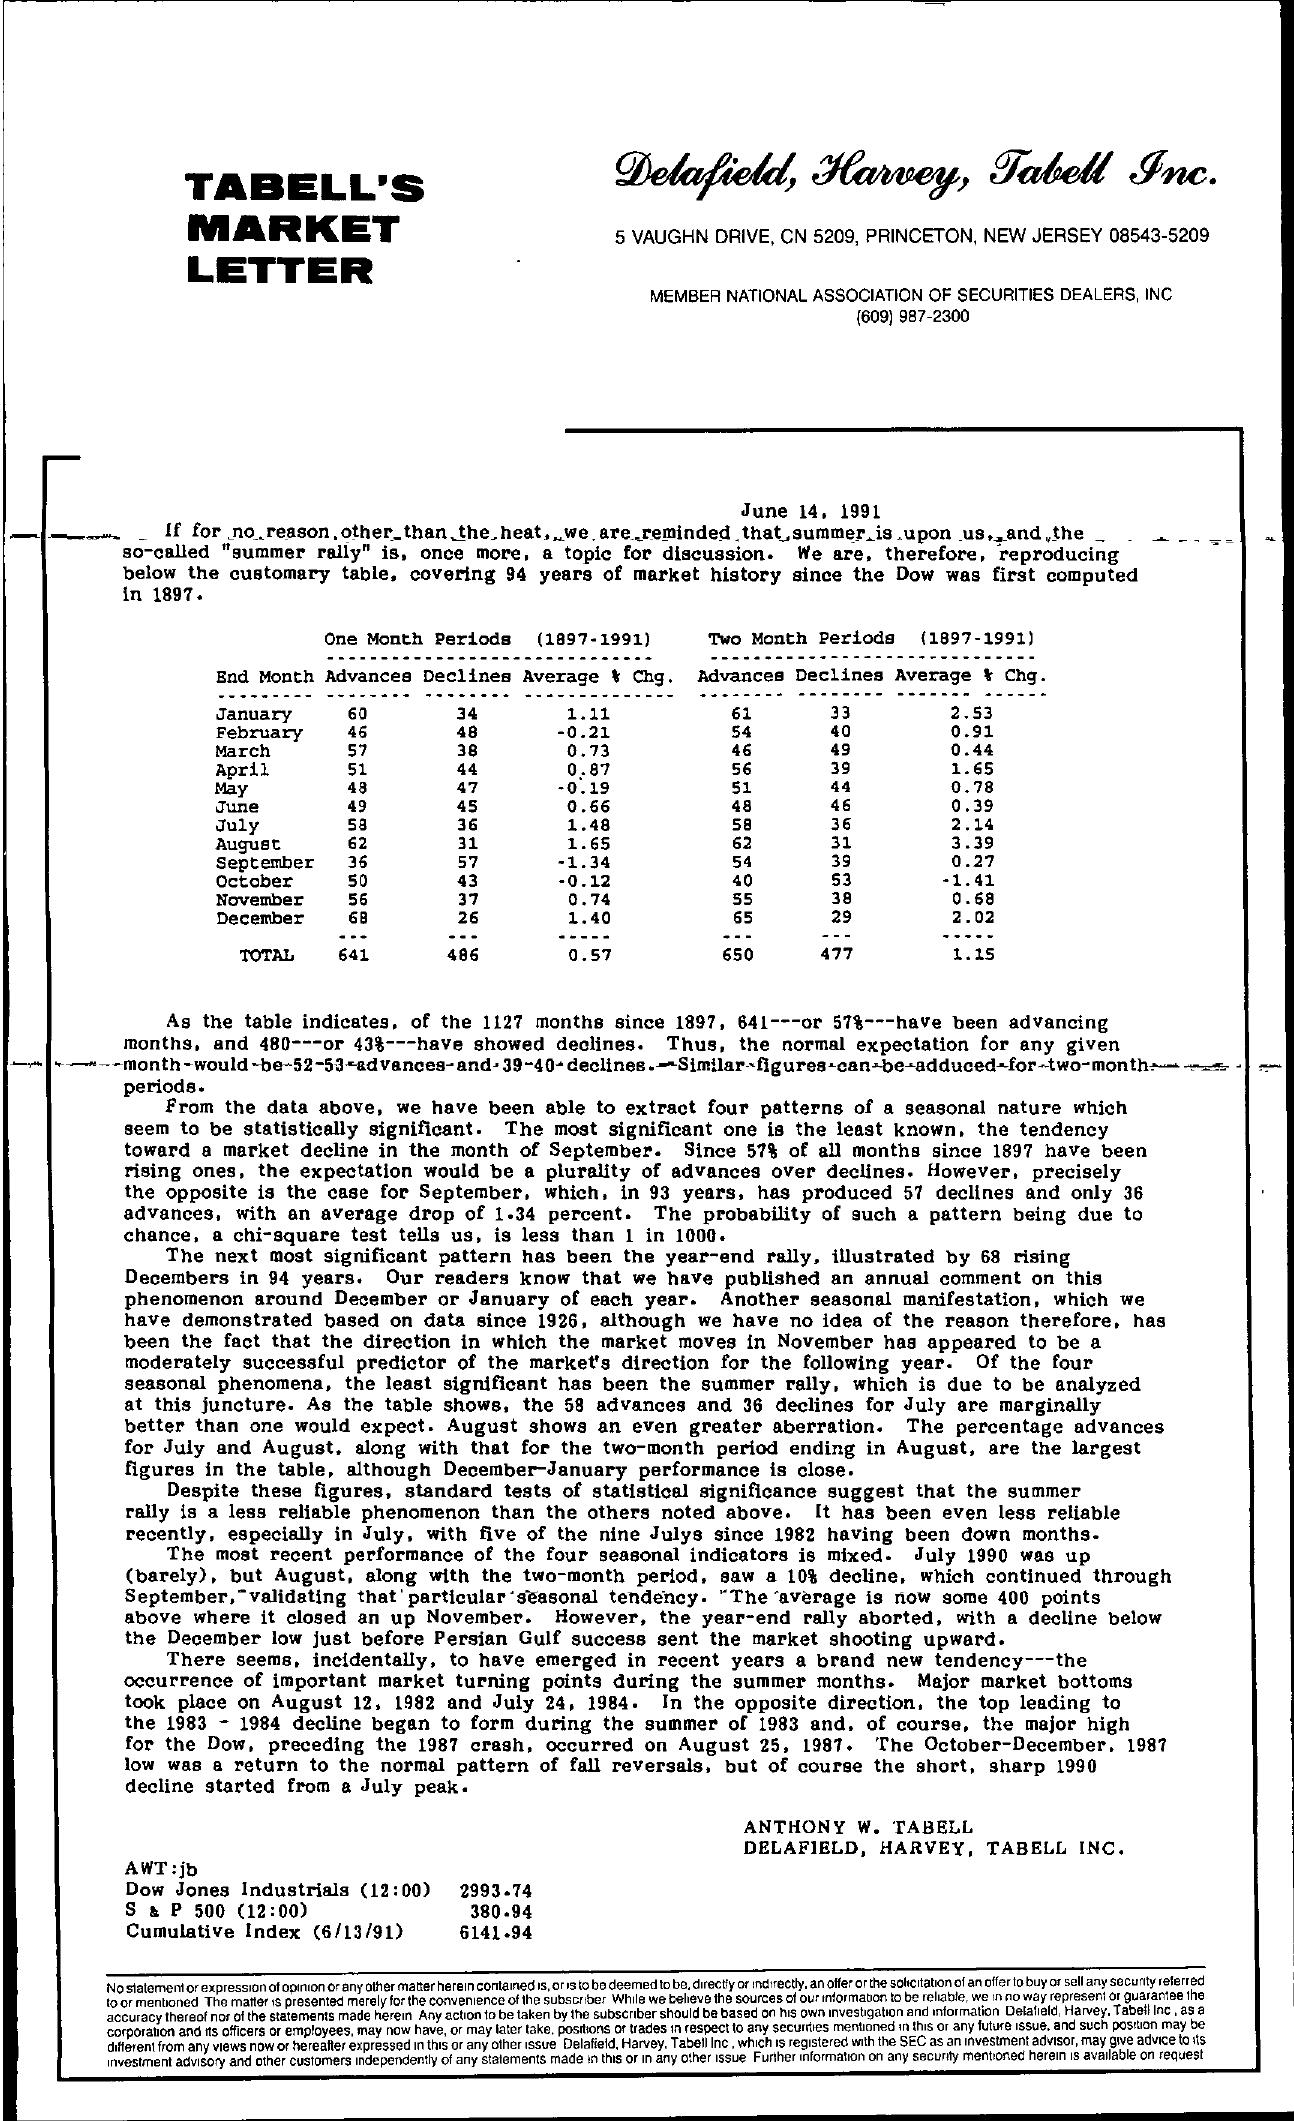 Tabell's Market Letter - June 14, 1991